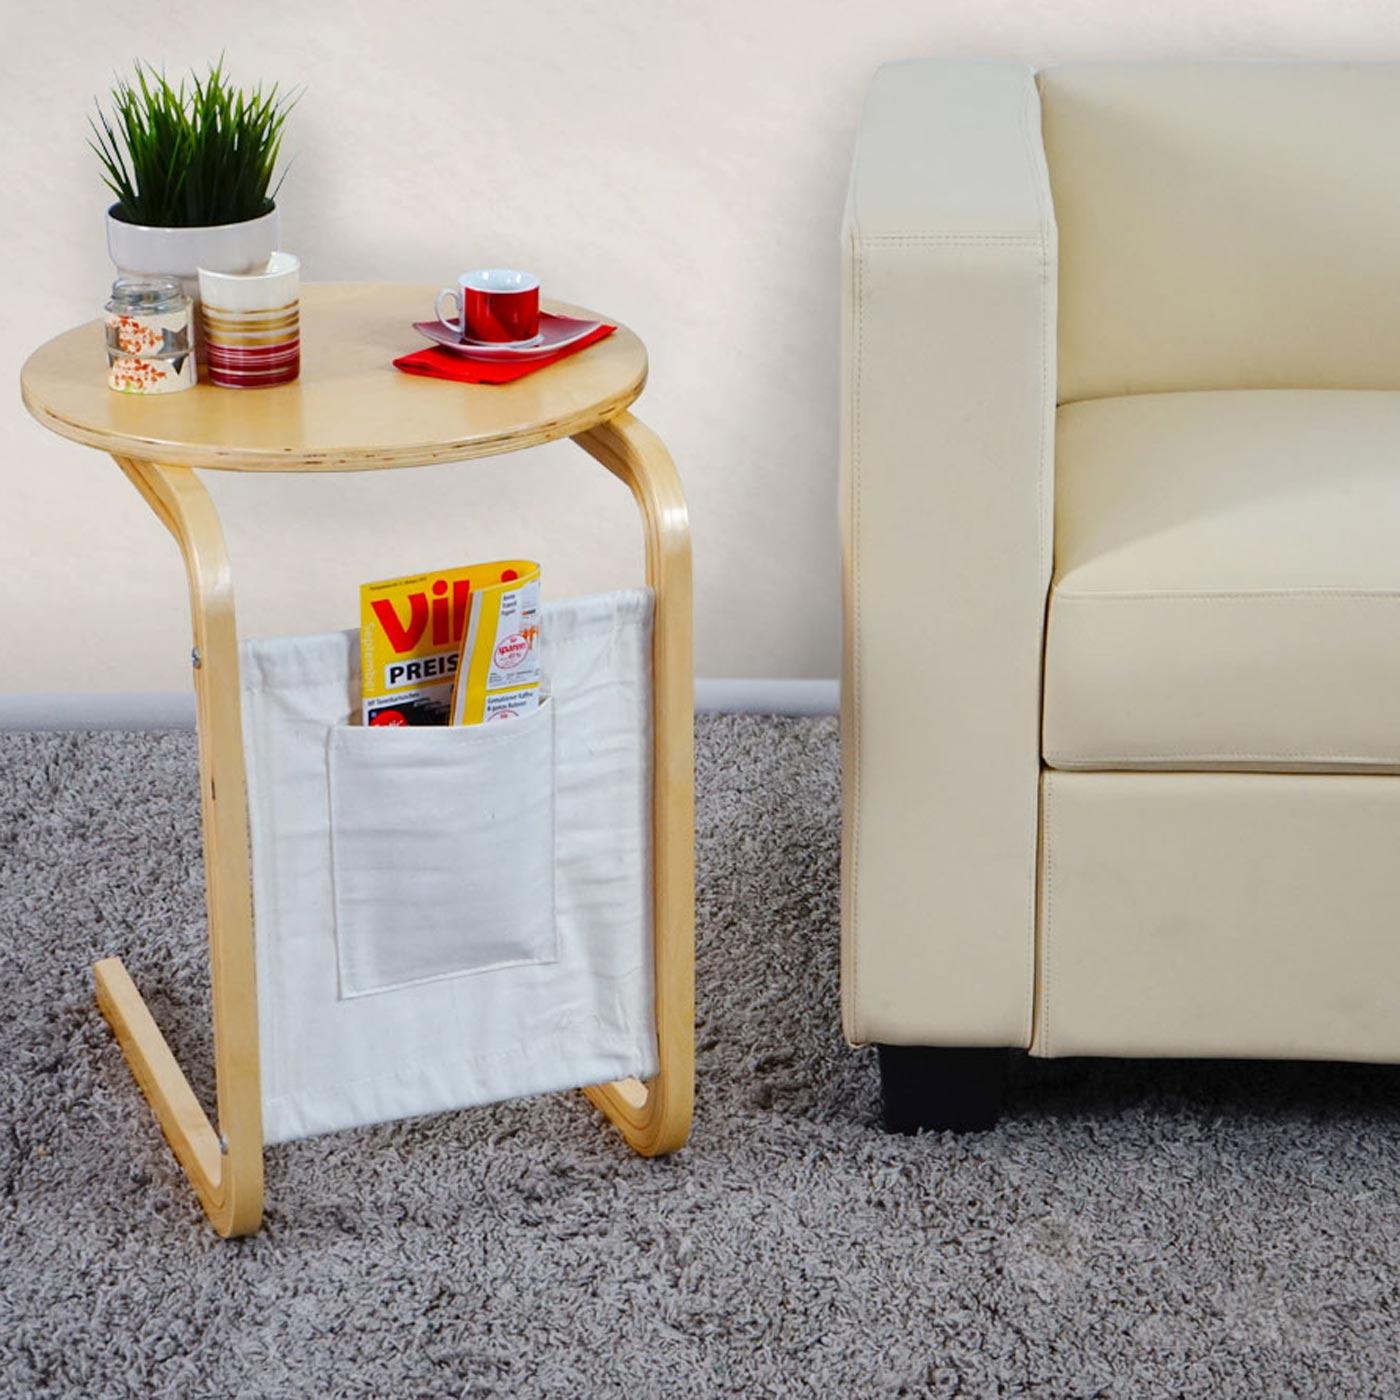 Beistelltisch t410 holztisch wohnzimmertisch 45x58cm for Wohnzimmertisch beistelltisch